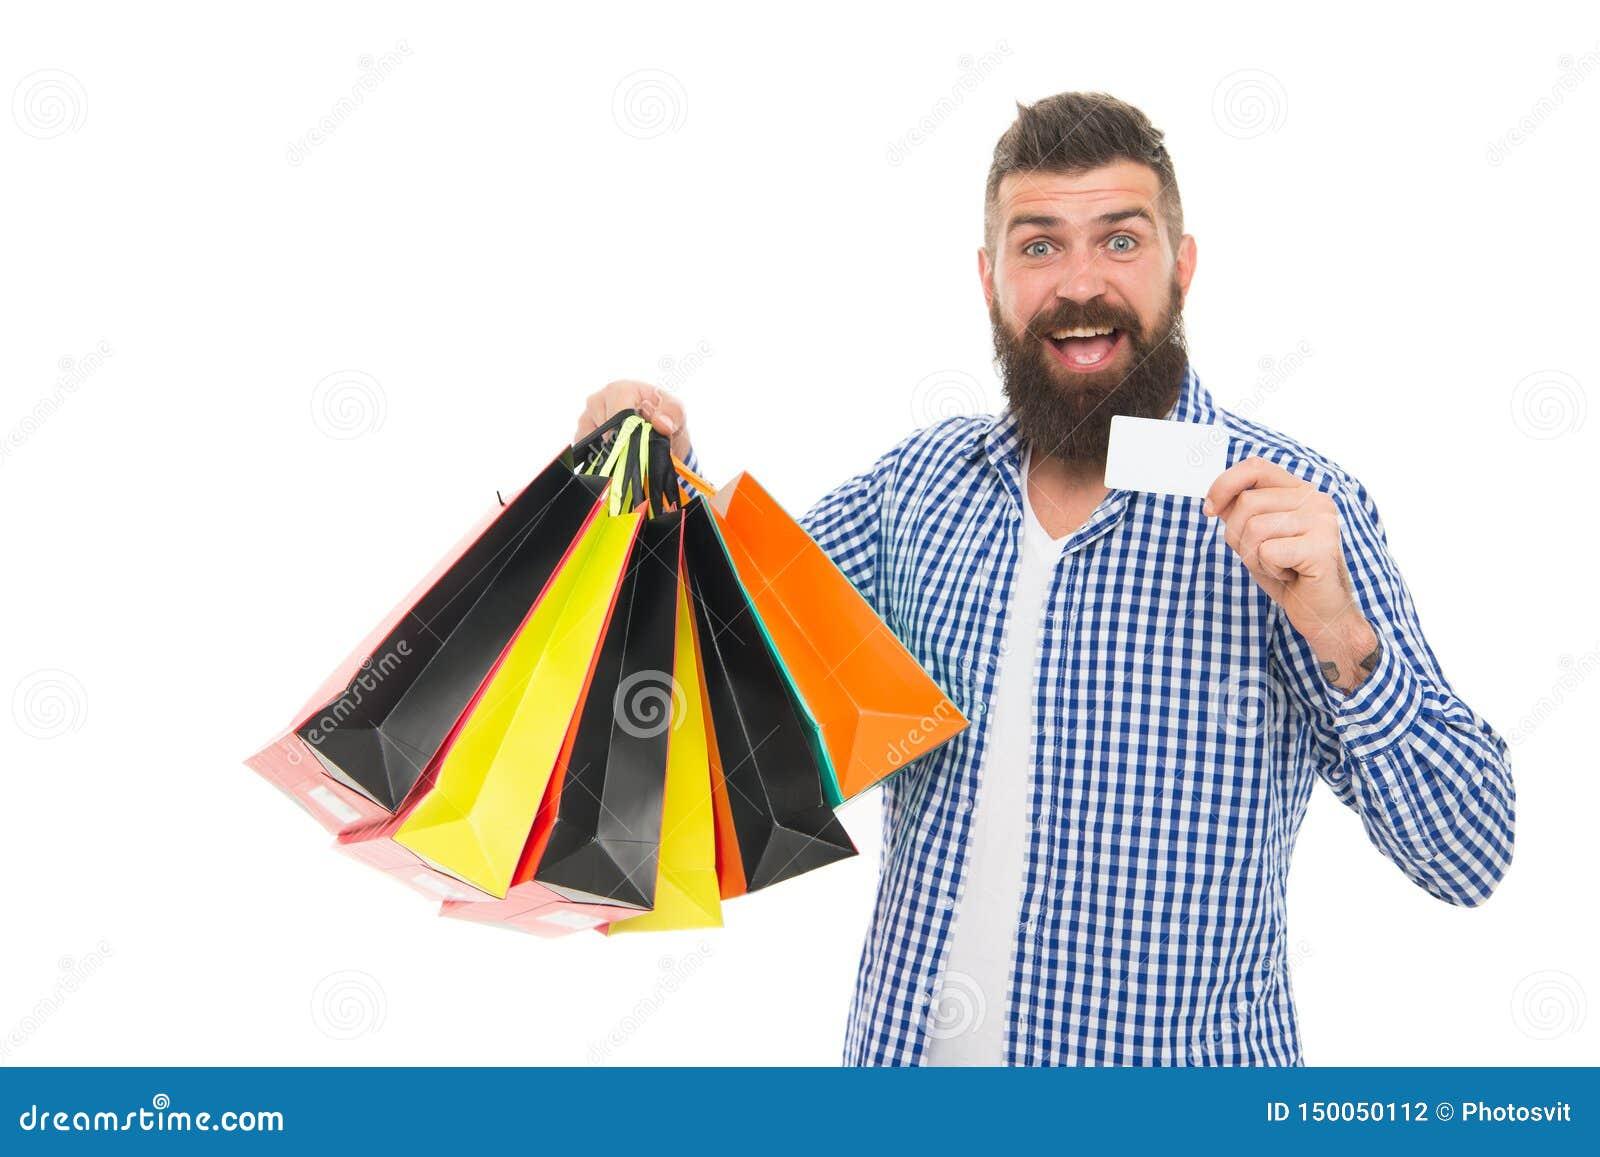 Lagar f?r konsumentskydd att se till r?tter M?ssan handlar konkurrens och exakt information i marknadsplats s?ker shopping